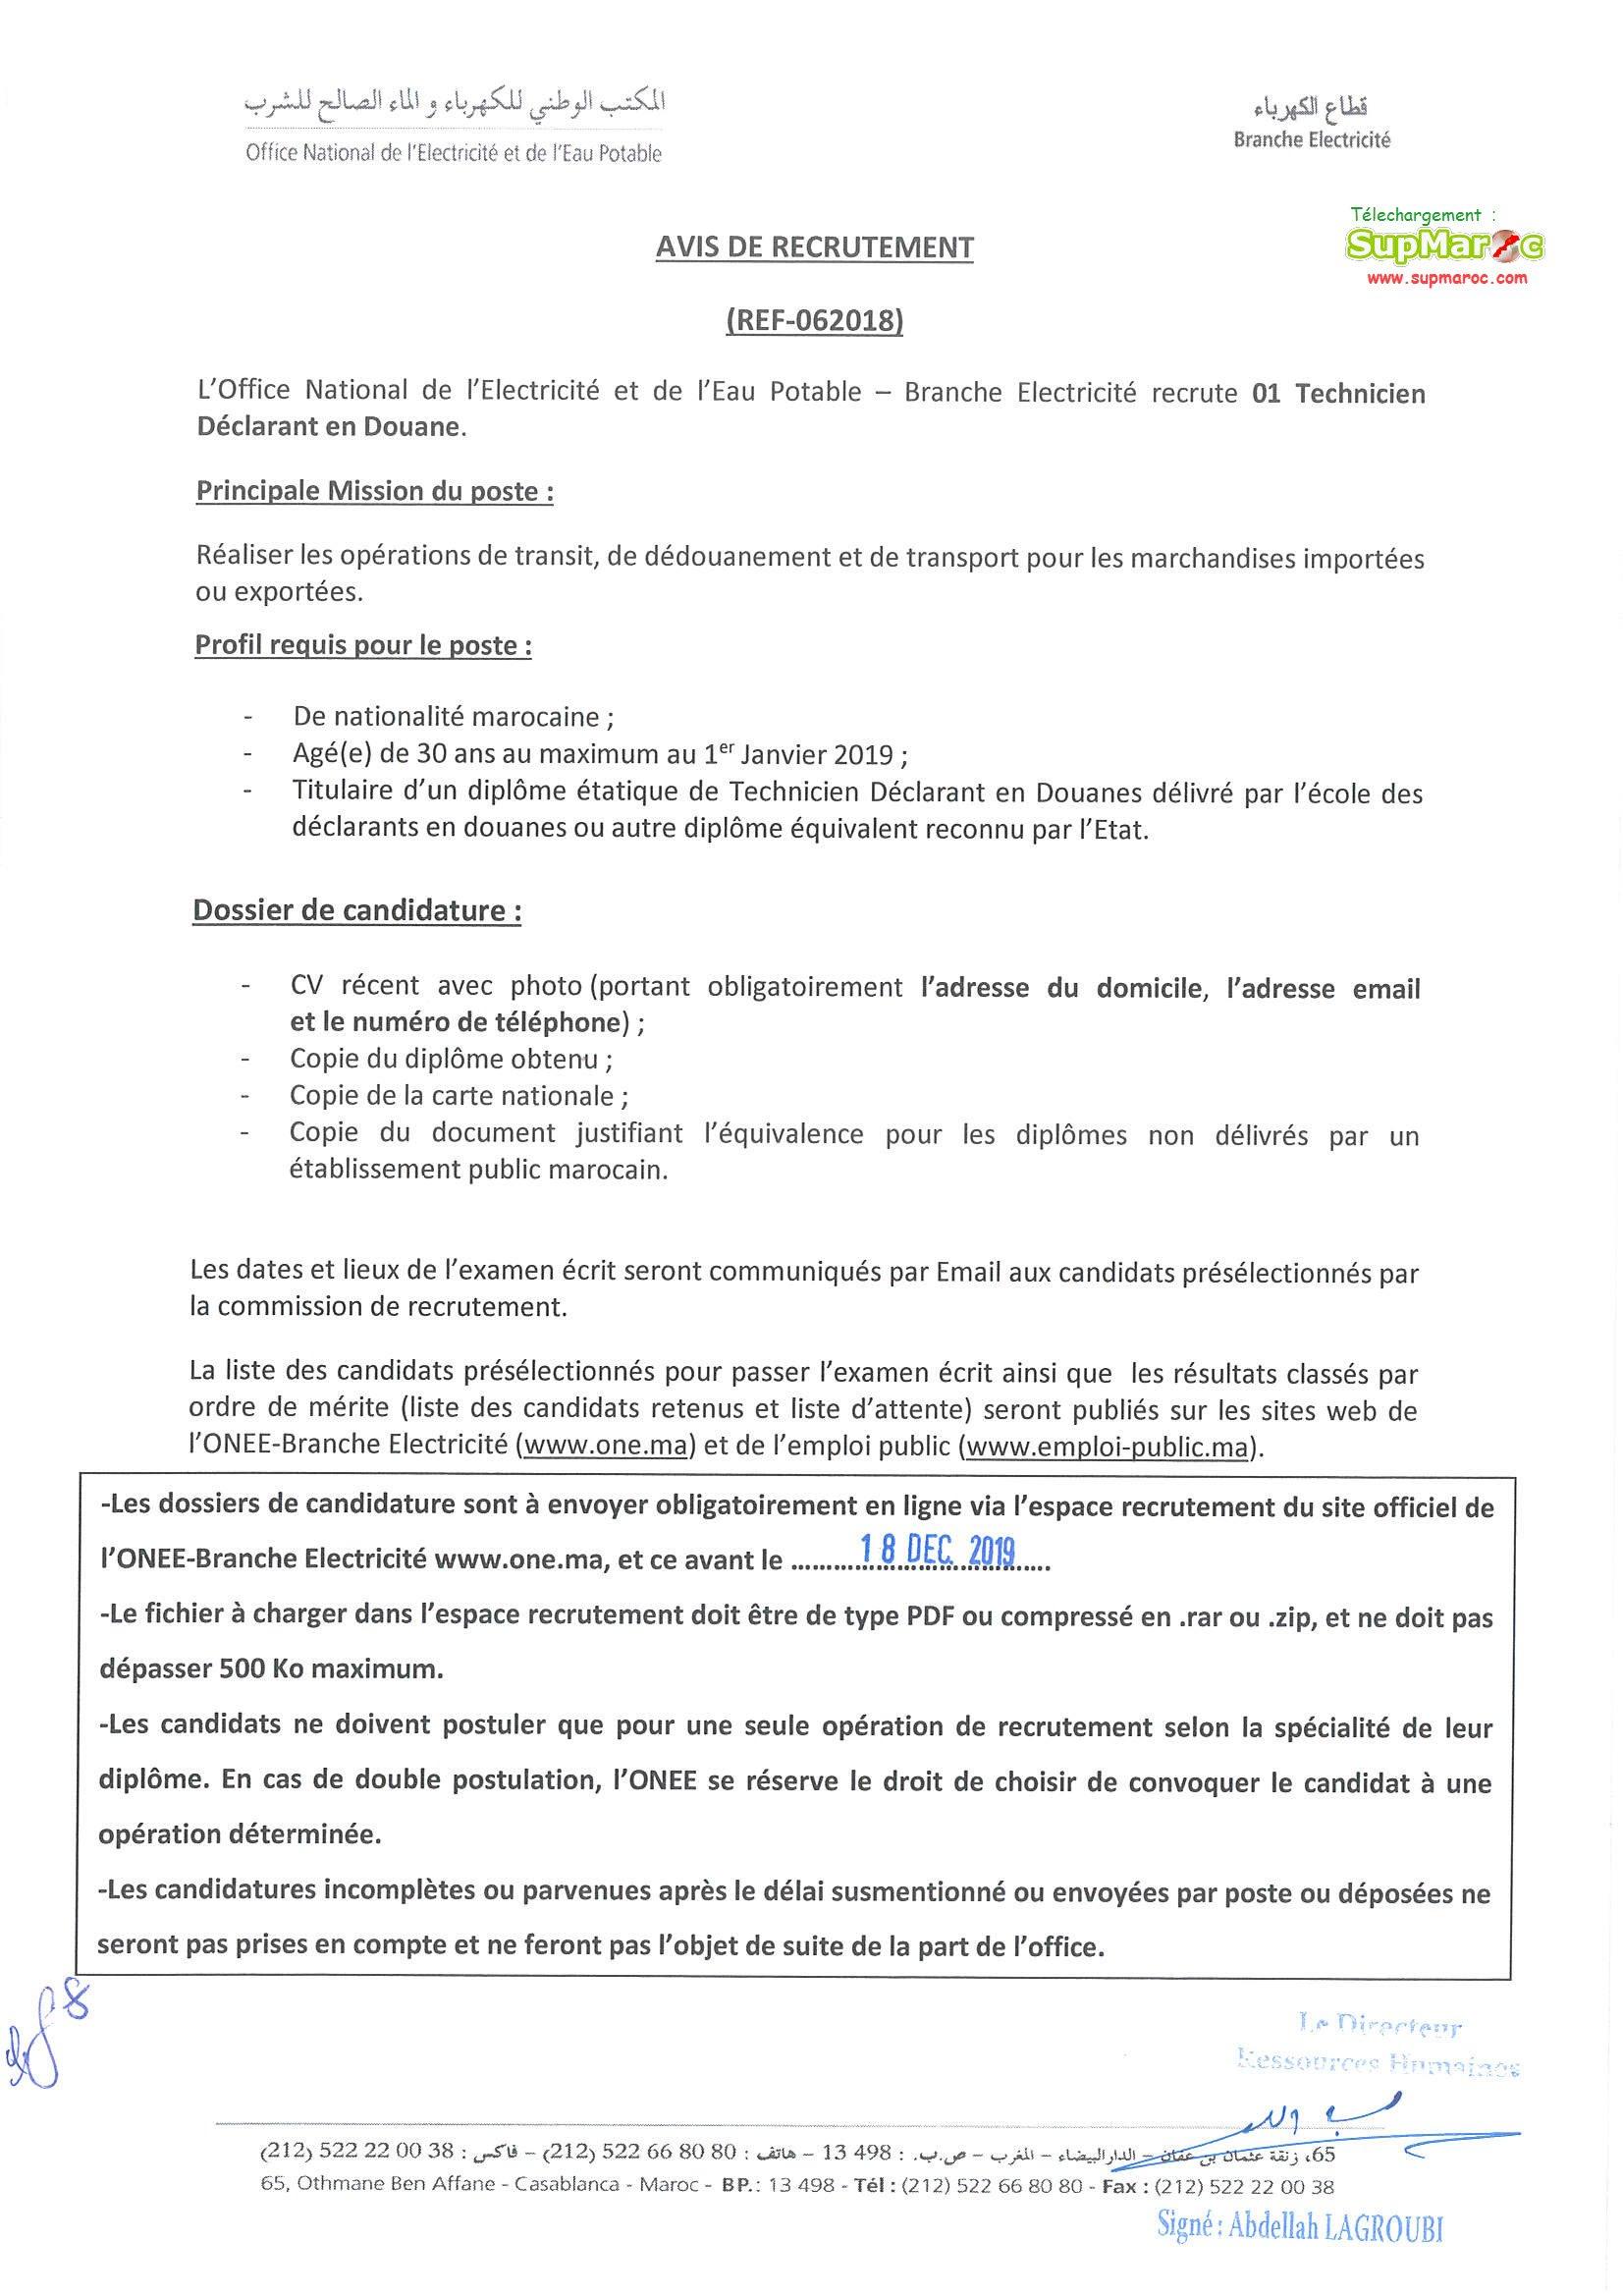 ONEP -Branche Electricité- recrutement 514 Concours des techniniens et Ouvriers 2019-2020